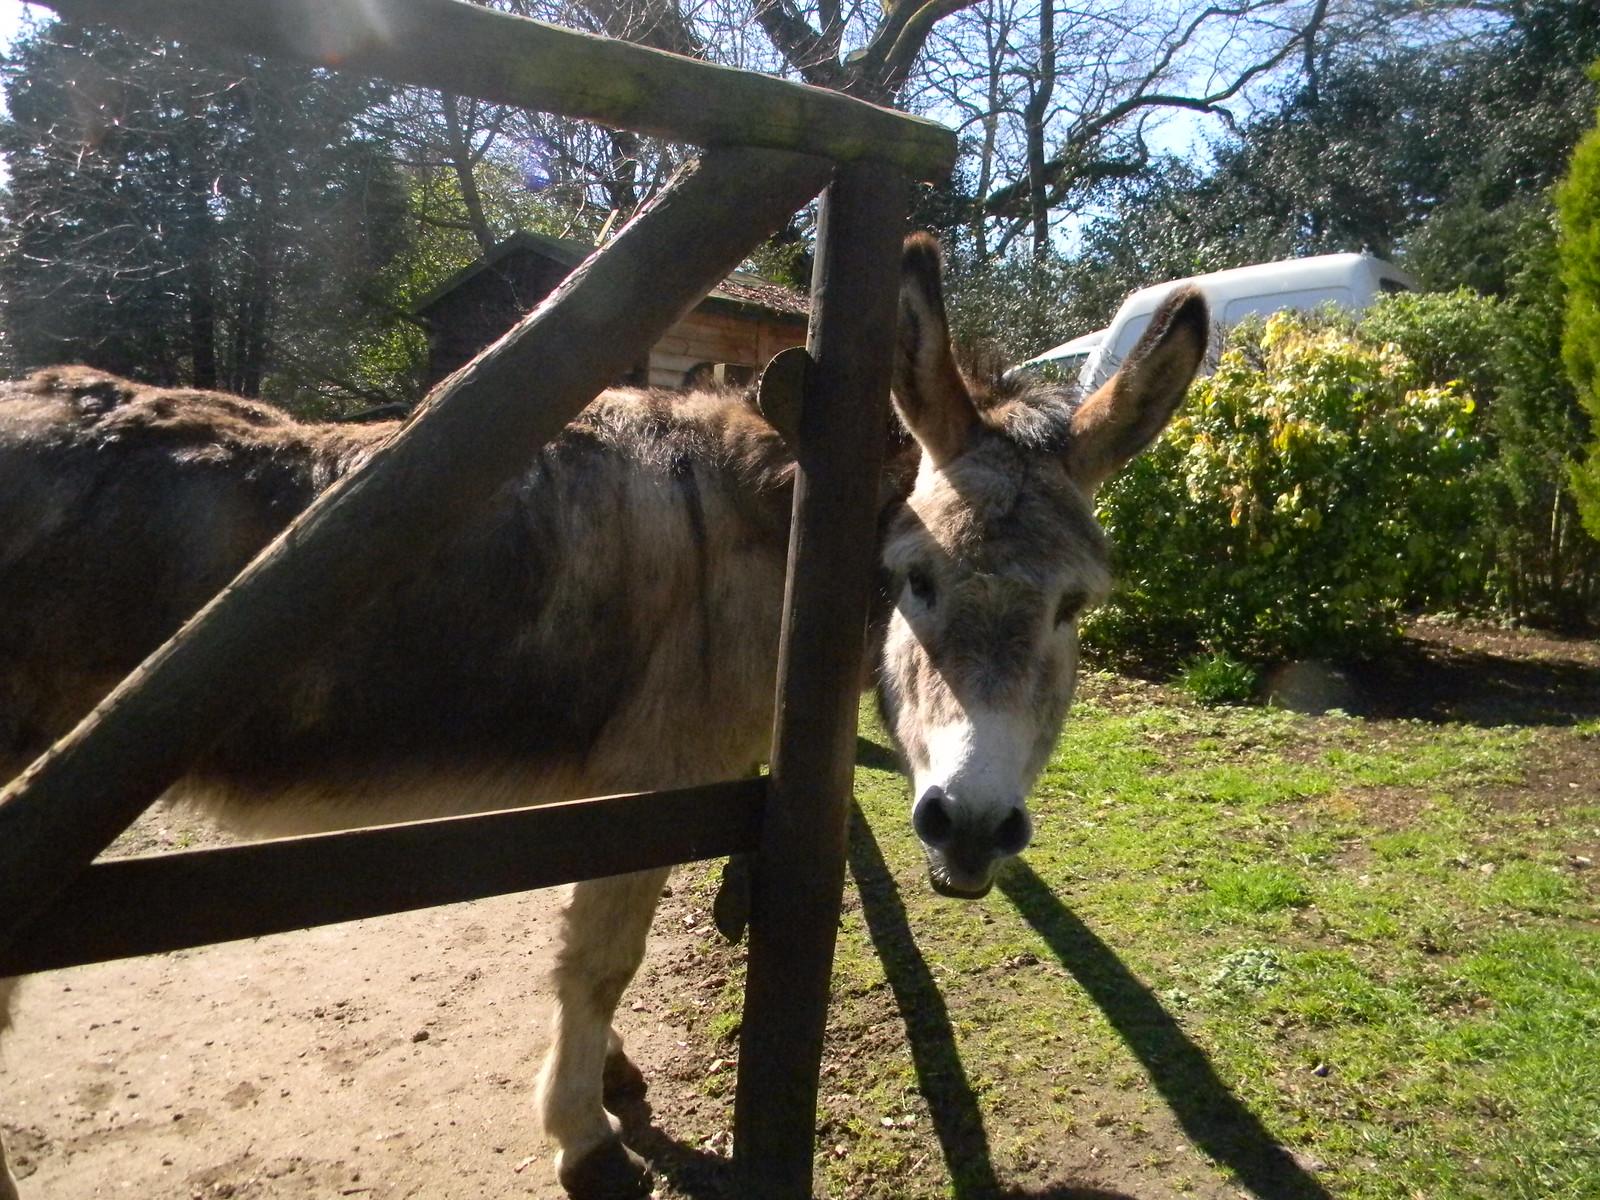 Donkey donkey Farnham to Godalming. The pub The Donkey has several donkeys in the beer garden